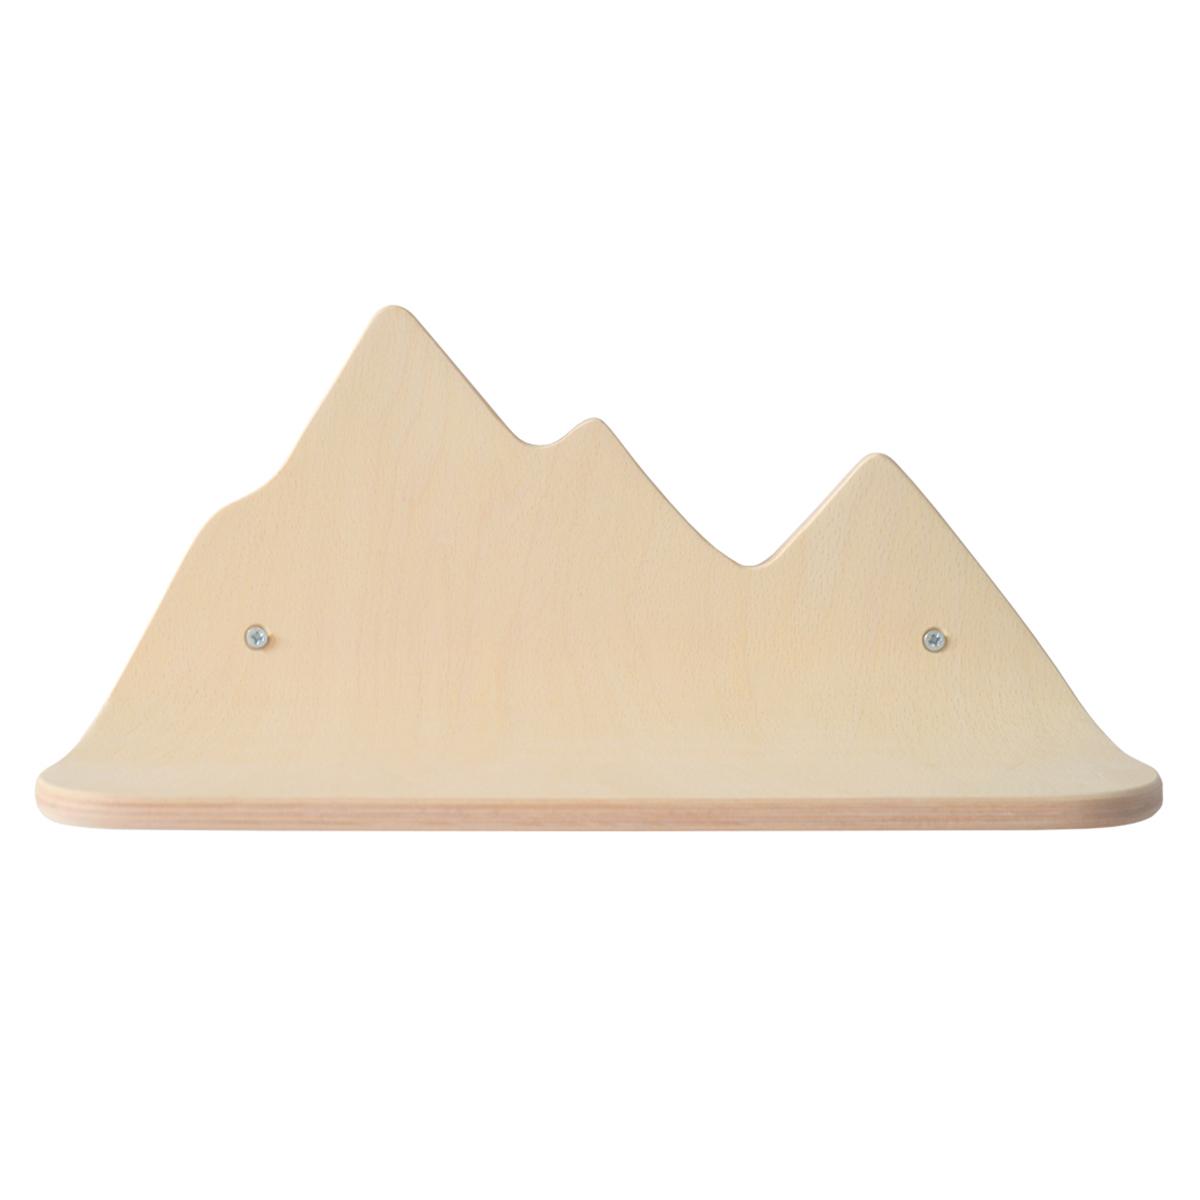 Étagère Étagère Montagne Popi - Naturel Étagère Montagne Popi - Naturel